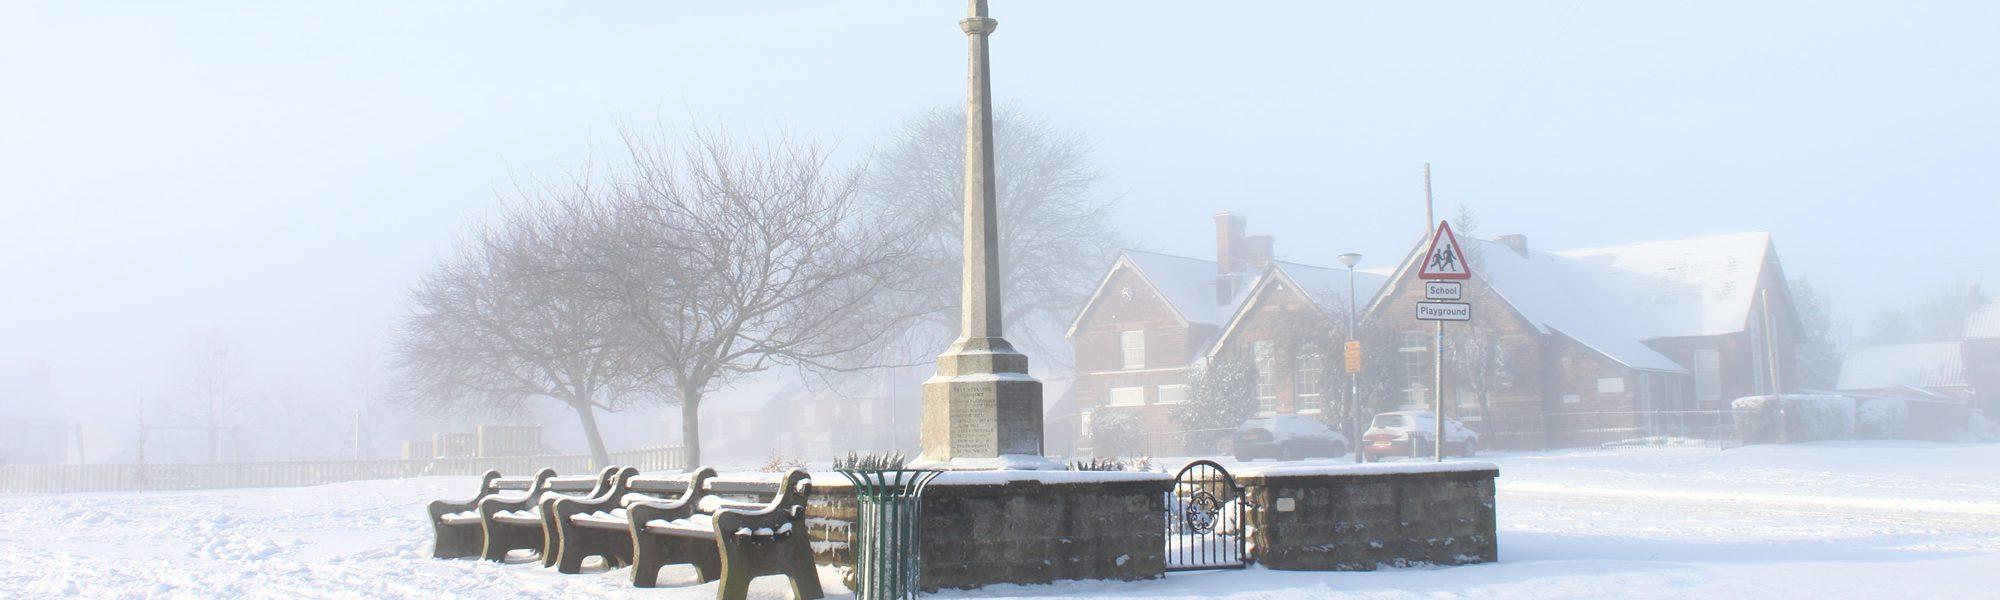 Hutton Cranswick Green in the Winter